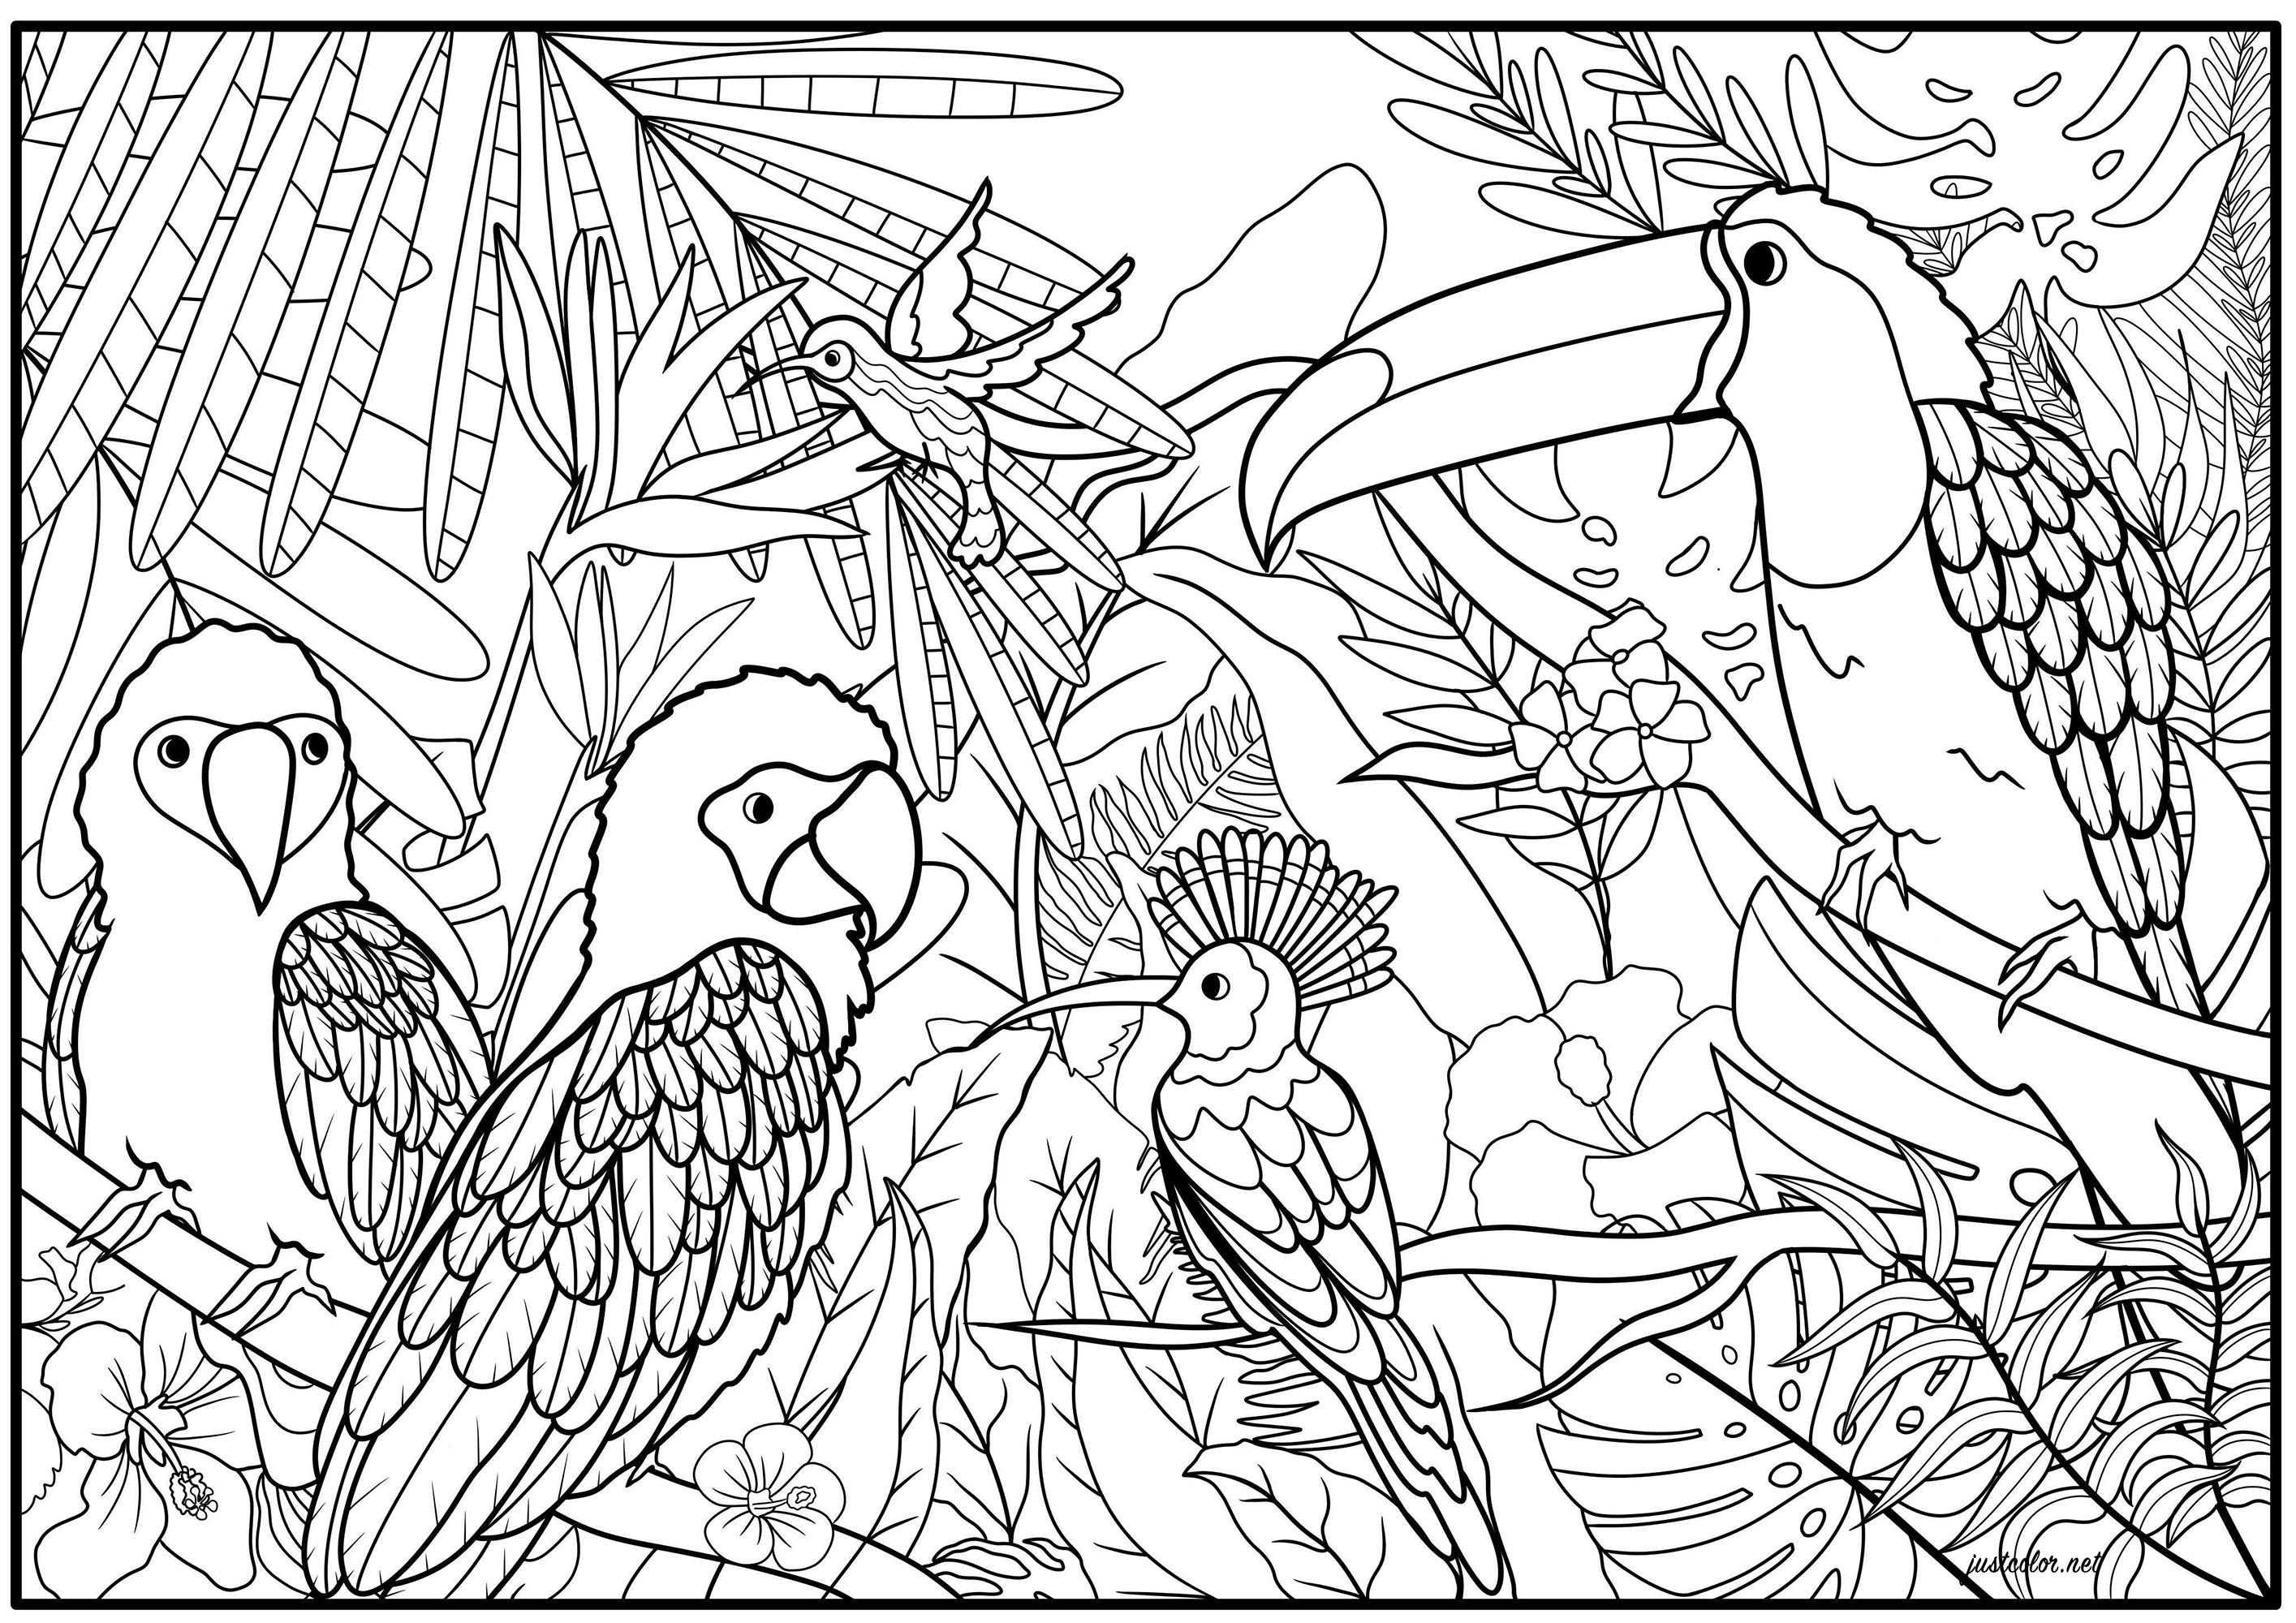 Colorear para Adultos : Aves - 2